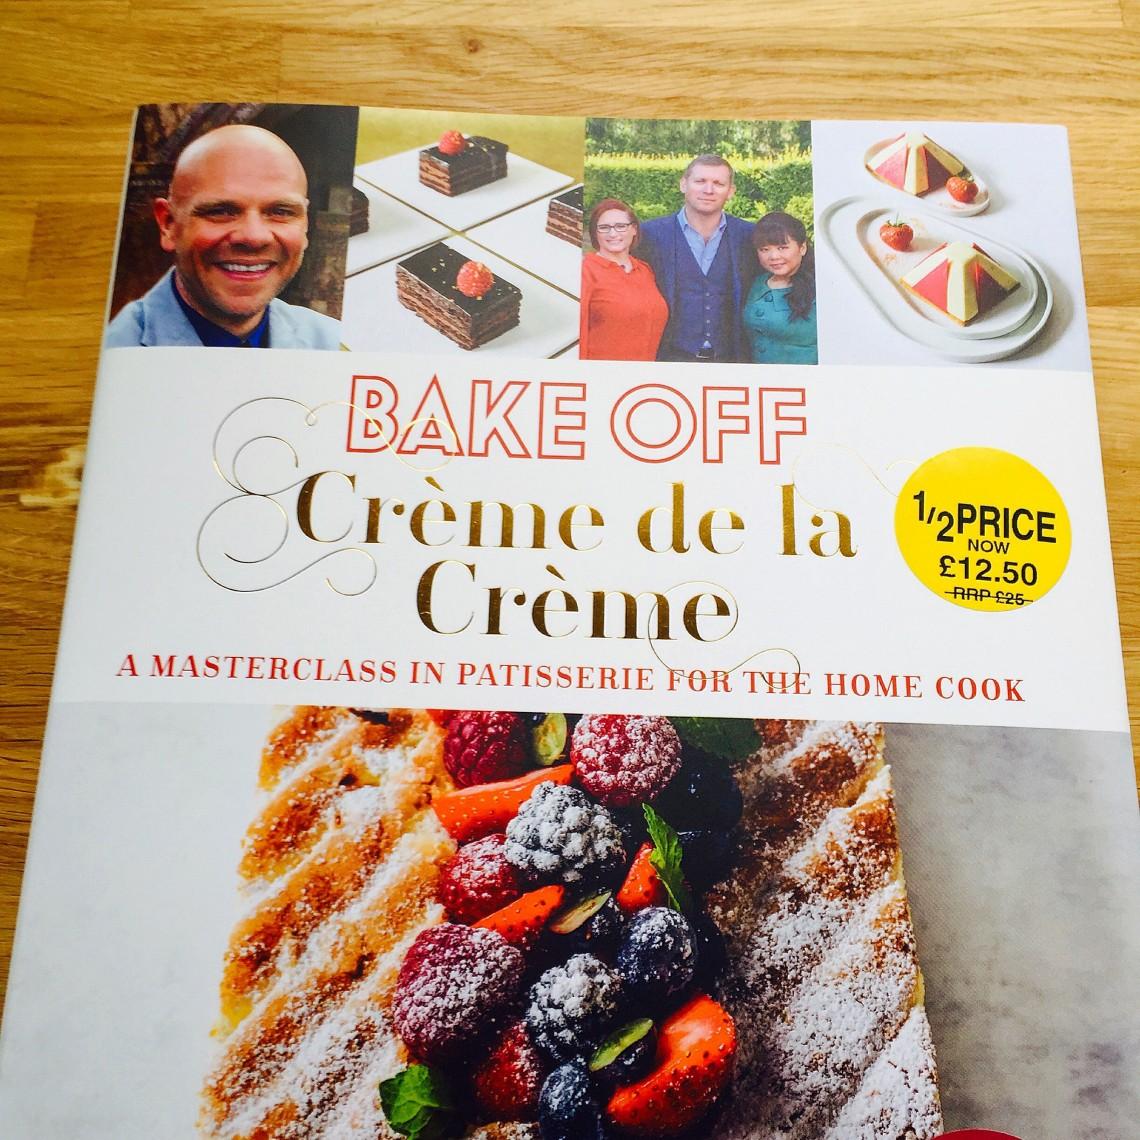 Bake Off Creme de la Creme book